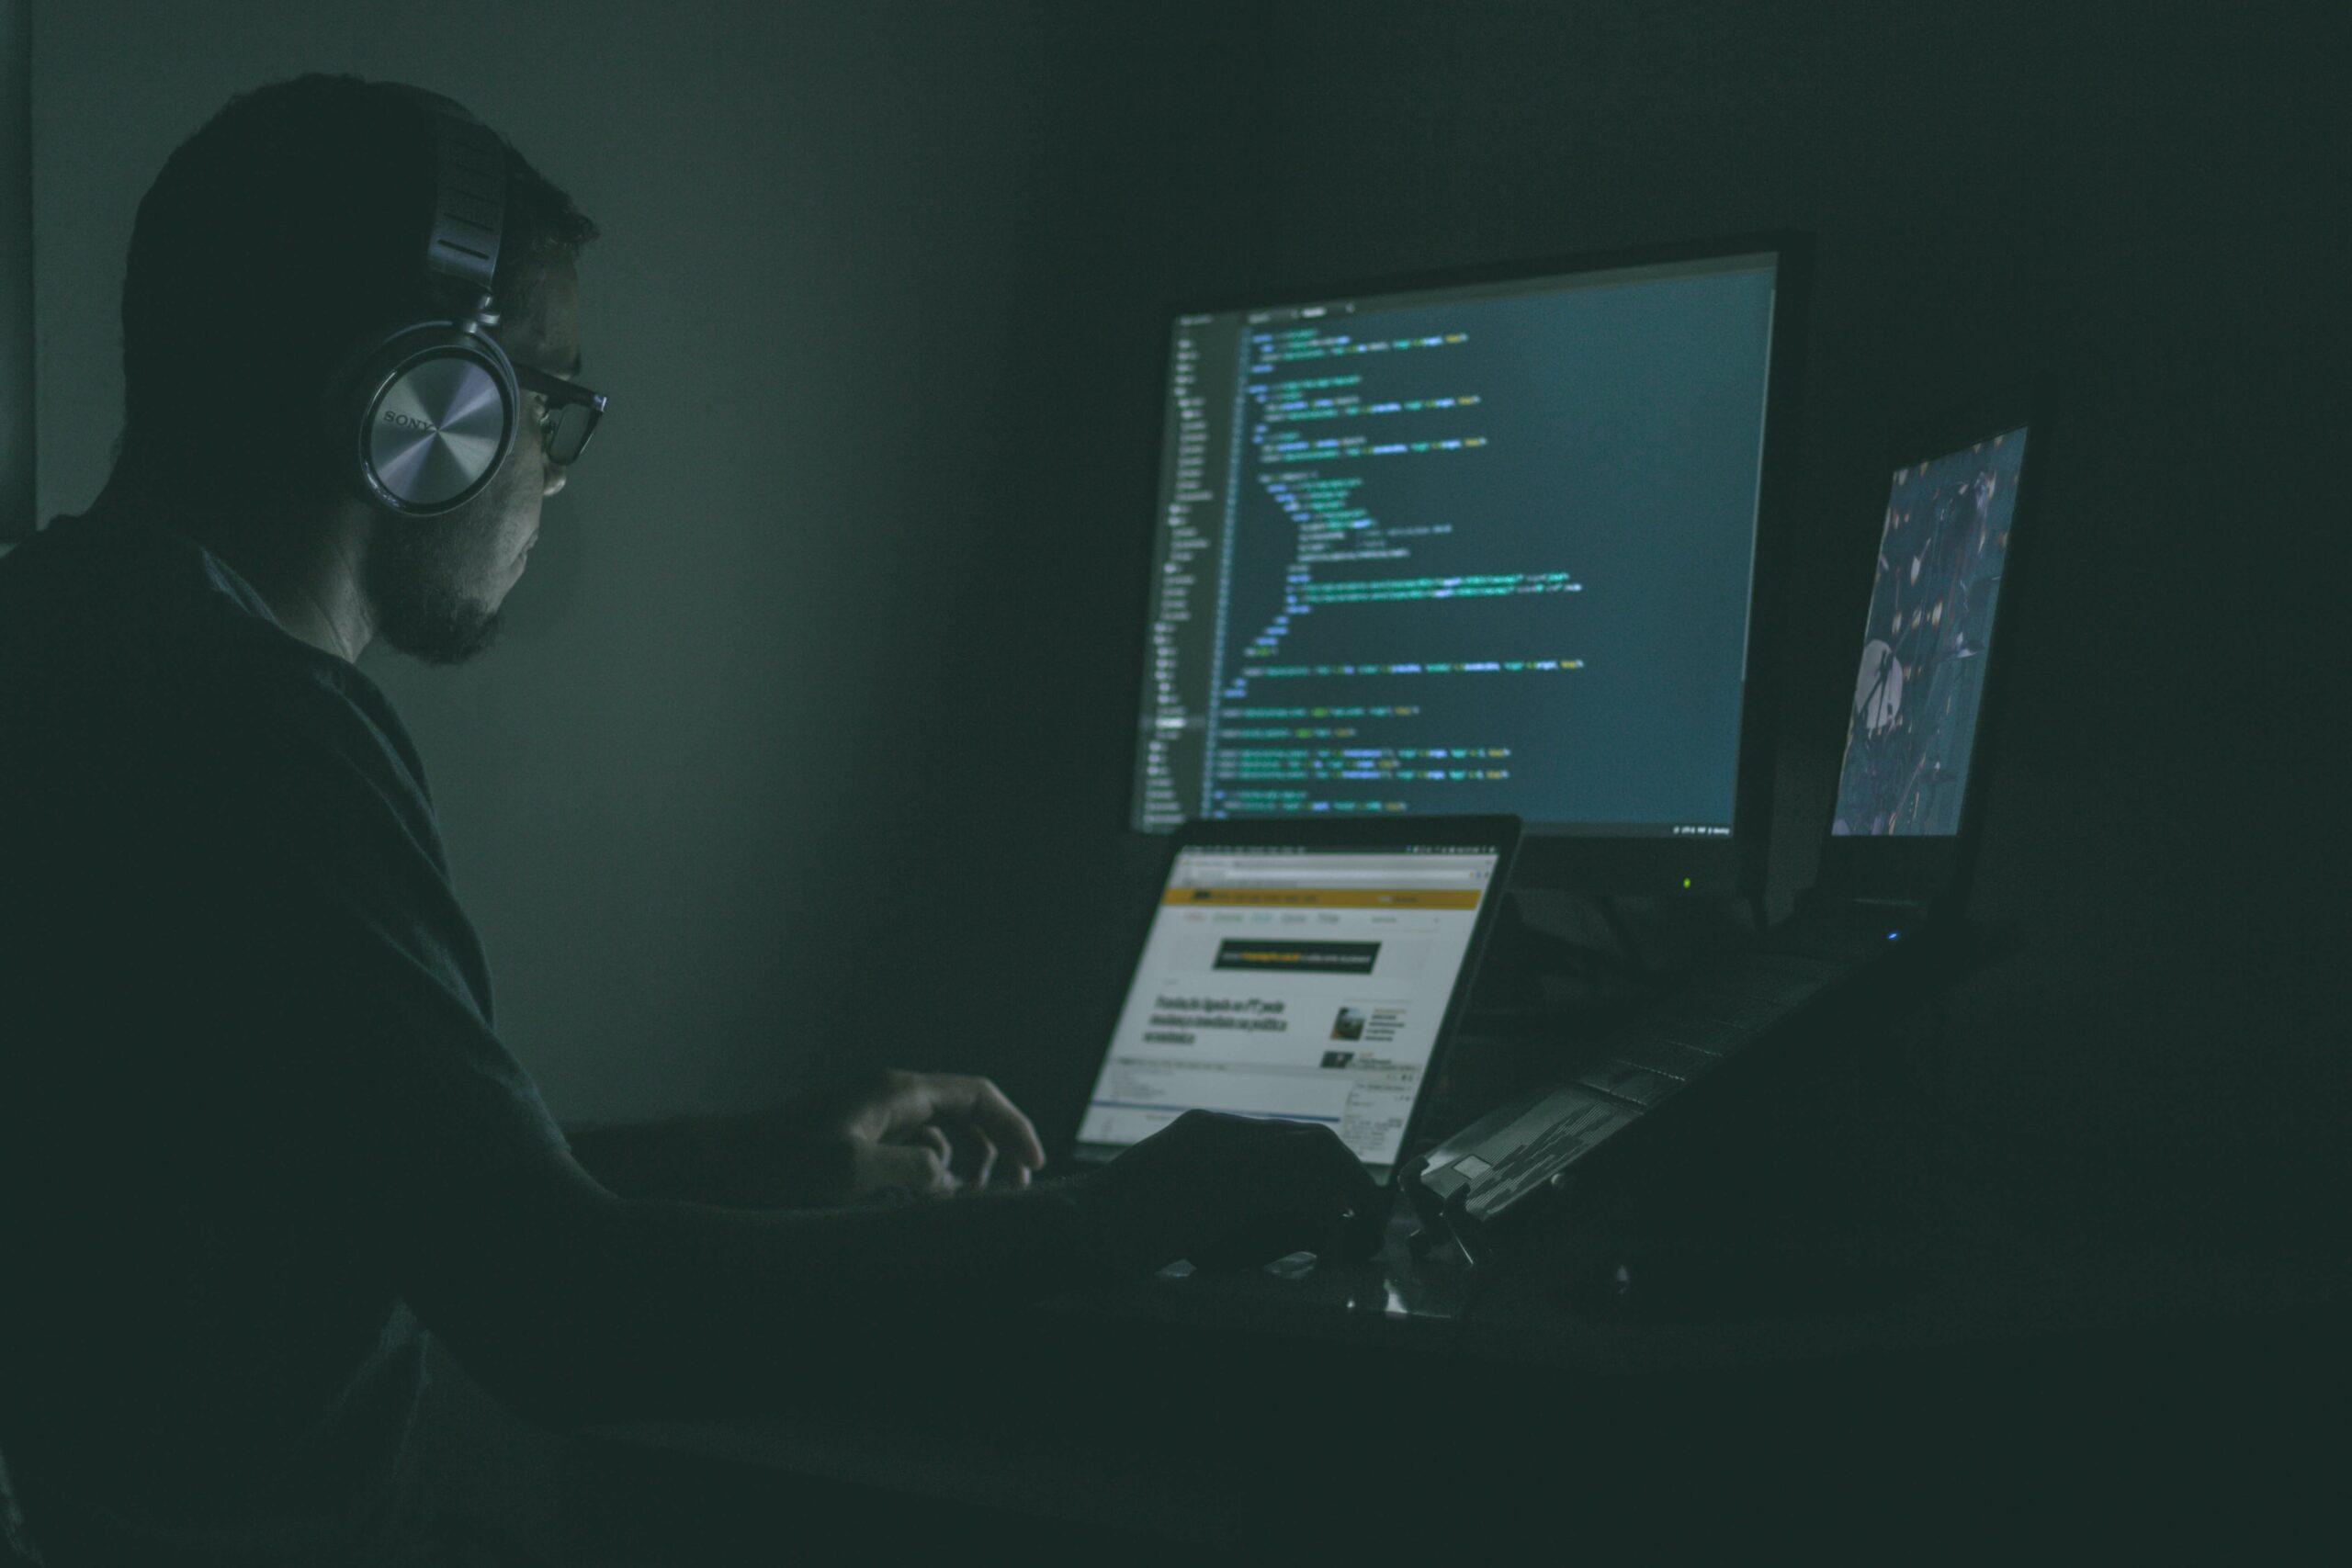 hacker at a computer